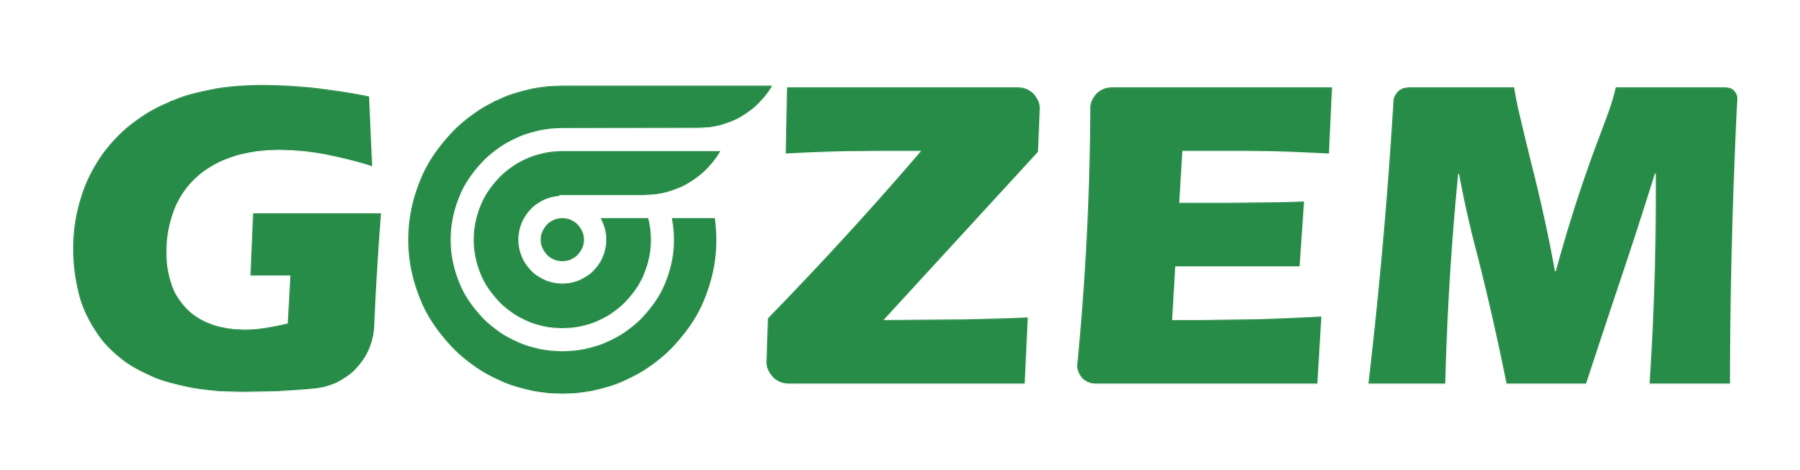 Gozem jobs logo